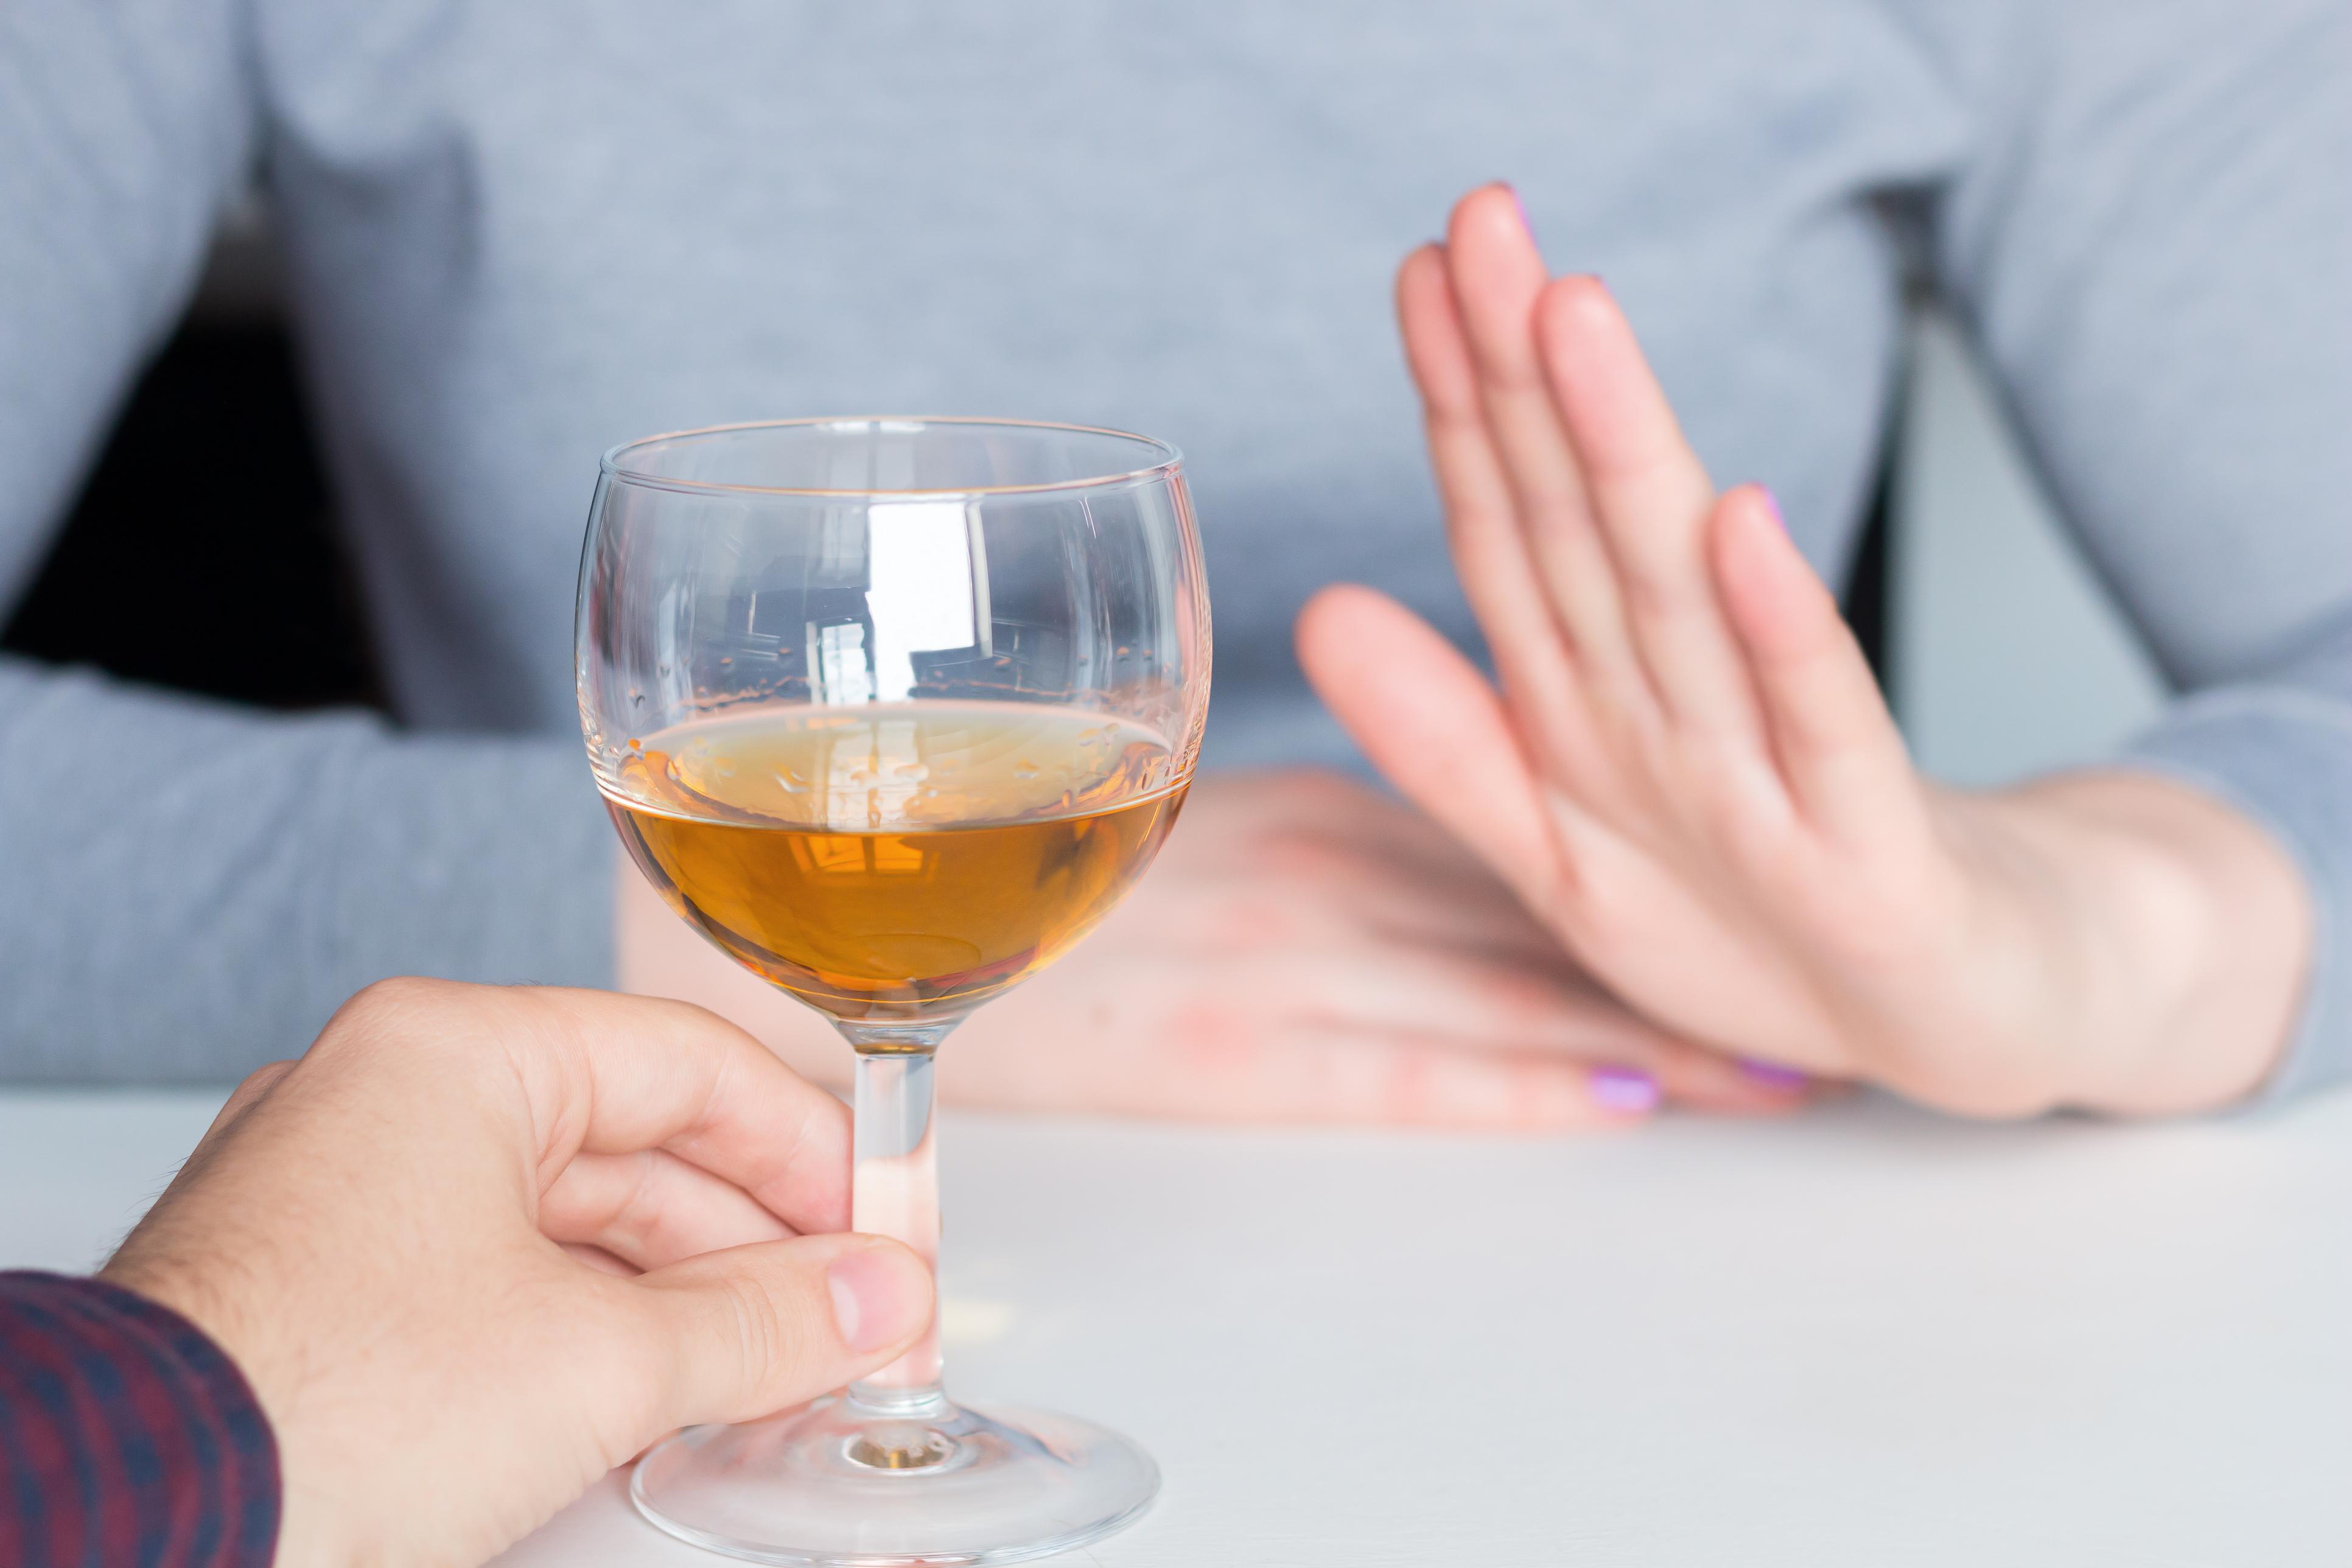 <p><strong>Алкохол</strong></p>  <p>За хората, които се страхуват да летят, пиенето на алкохол може да изглежда като начин за успокояване. На повечето хора е известно, че алкохолът силно дехидратира тялото, но знаете ли, че същото влияние има и полетът? Ако не искате да си причинявате излишенн дискомфорт избягвайте алкохола.</p>